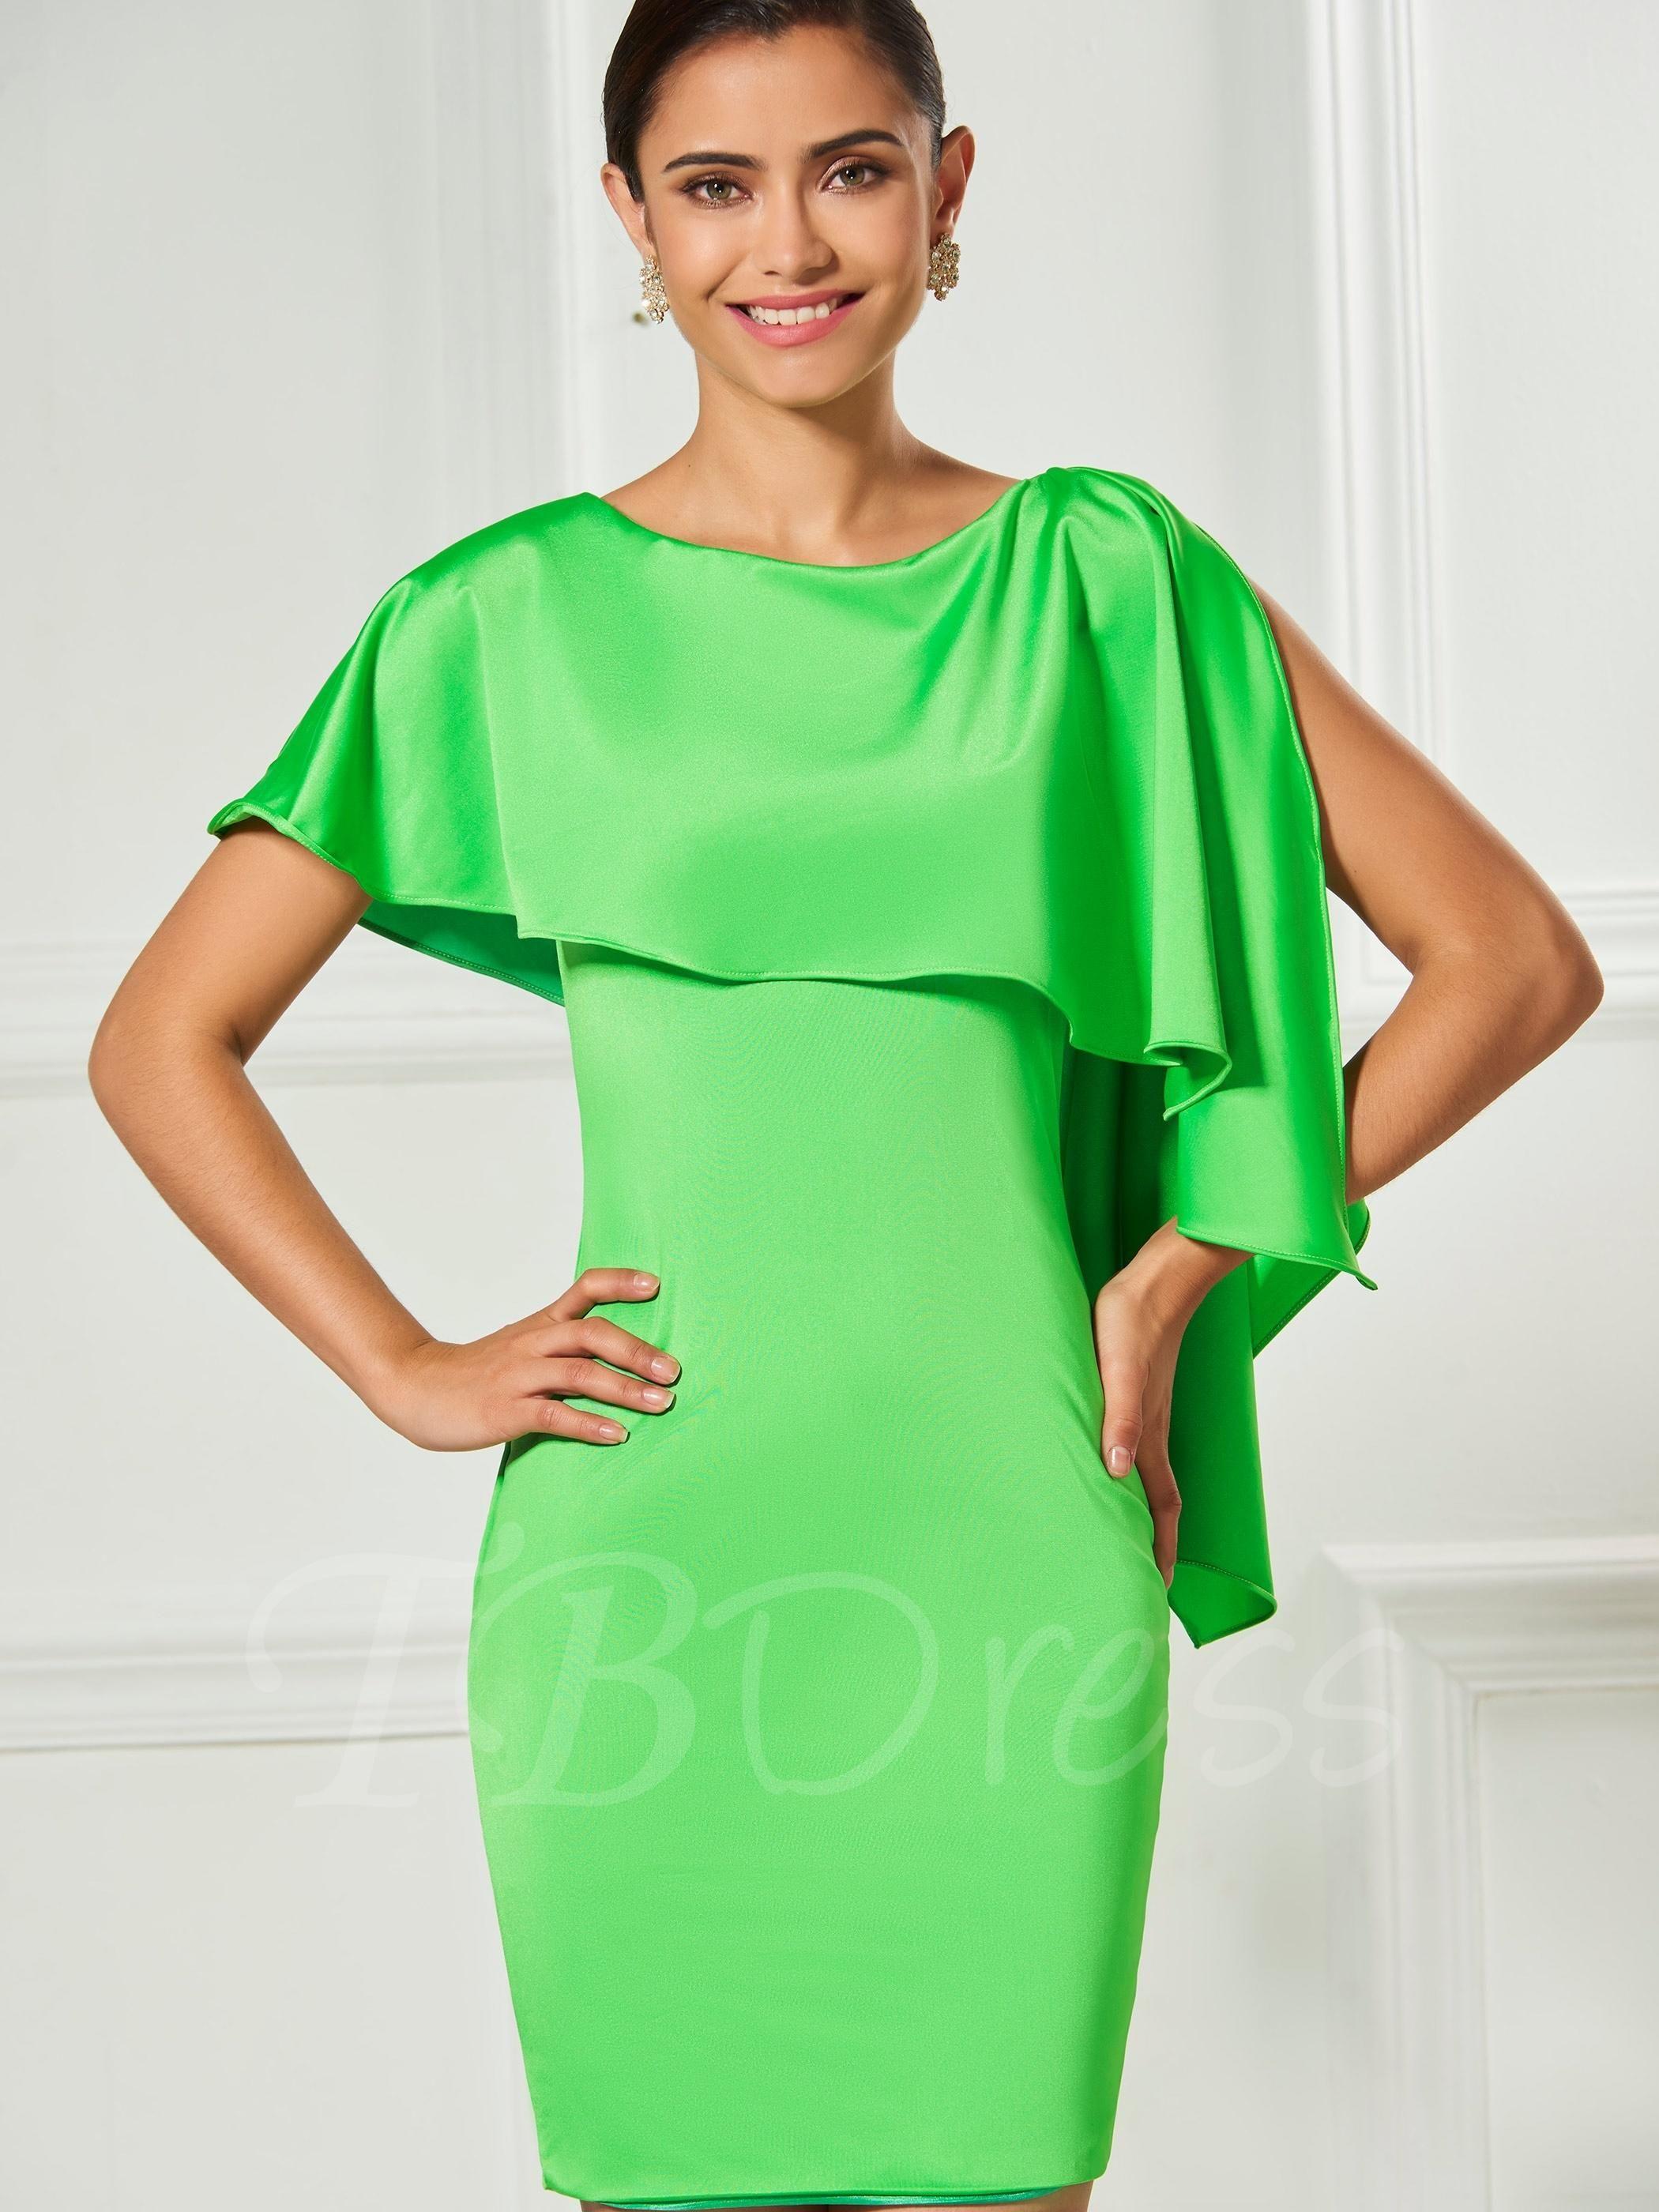 TBDress - TBDress Scoop Sheath Short Sleeves Ruffles Cocktail Dress -  AdoreWe.com b5a67b85e